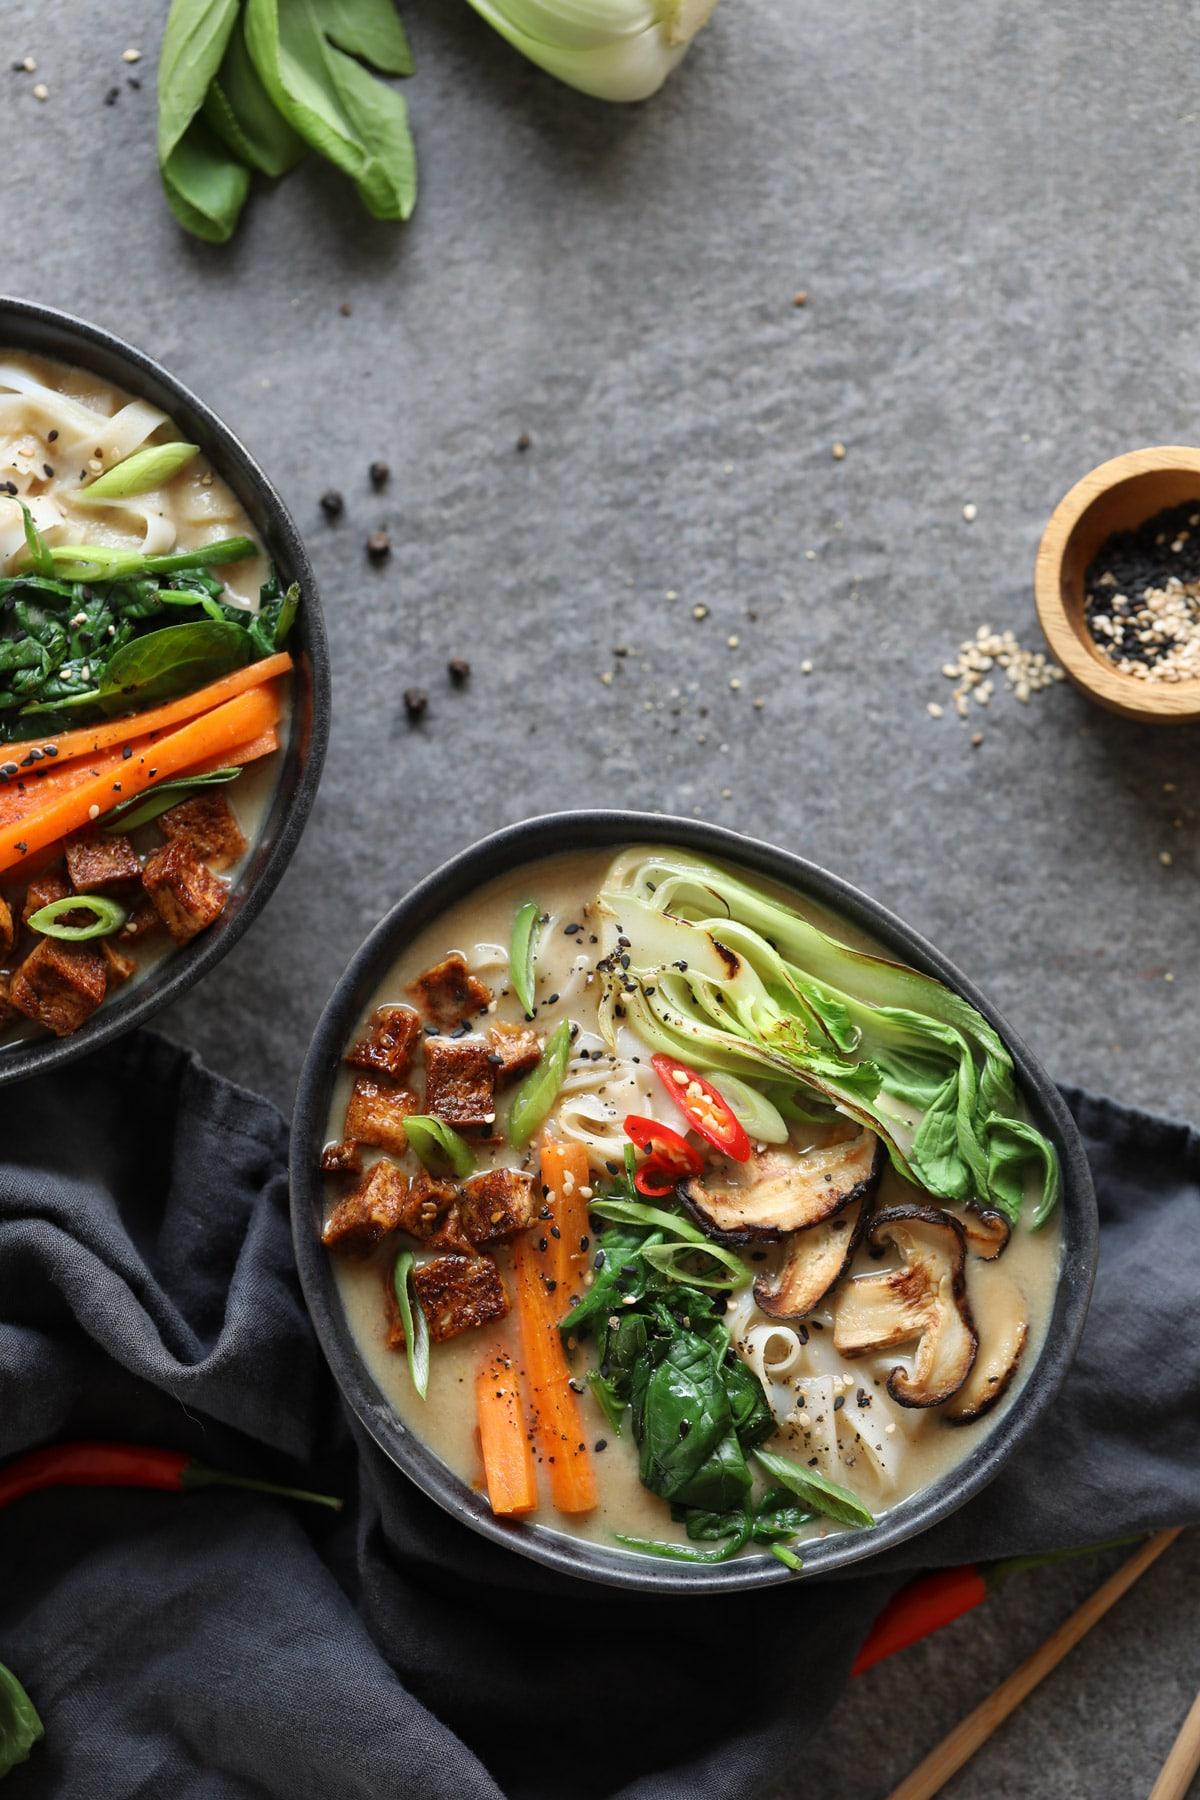 A bowl of vegan miso ramen with sesame seeds.